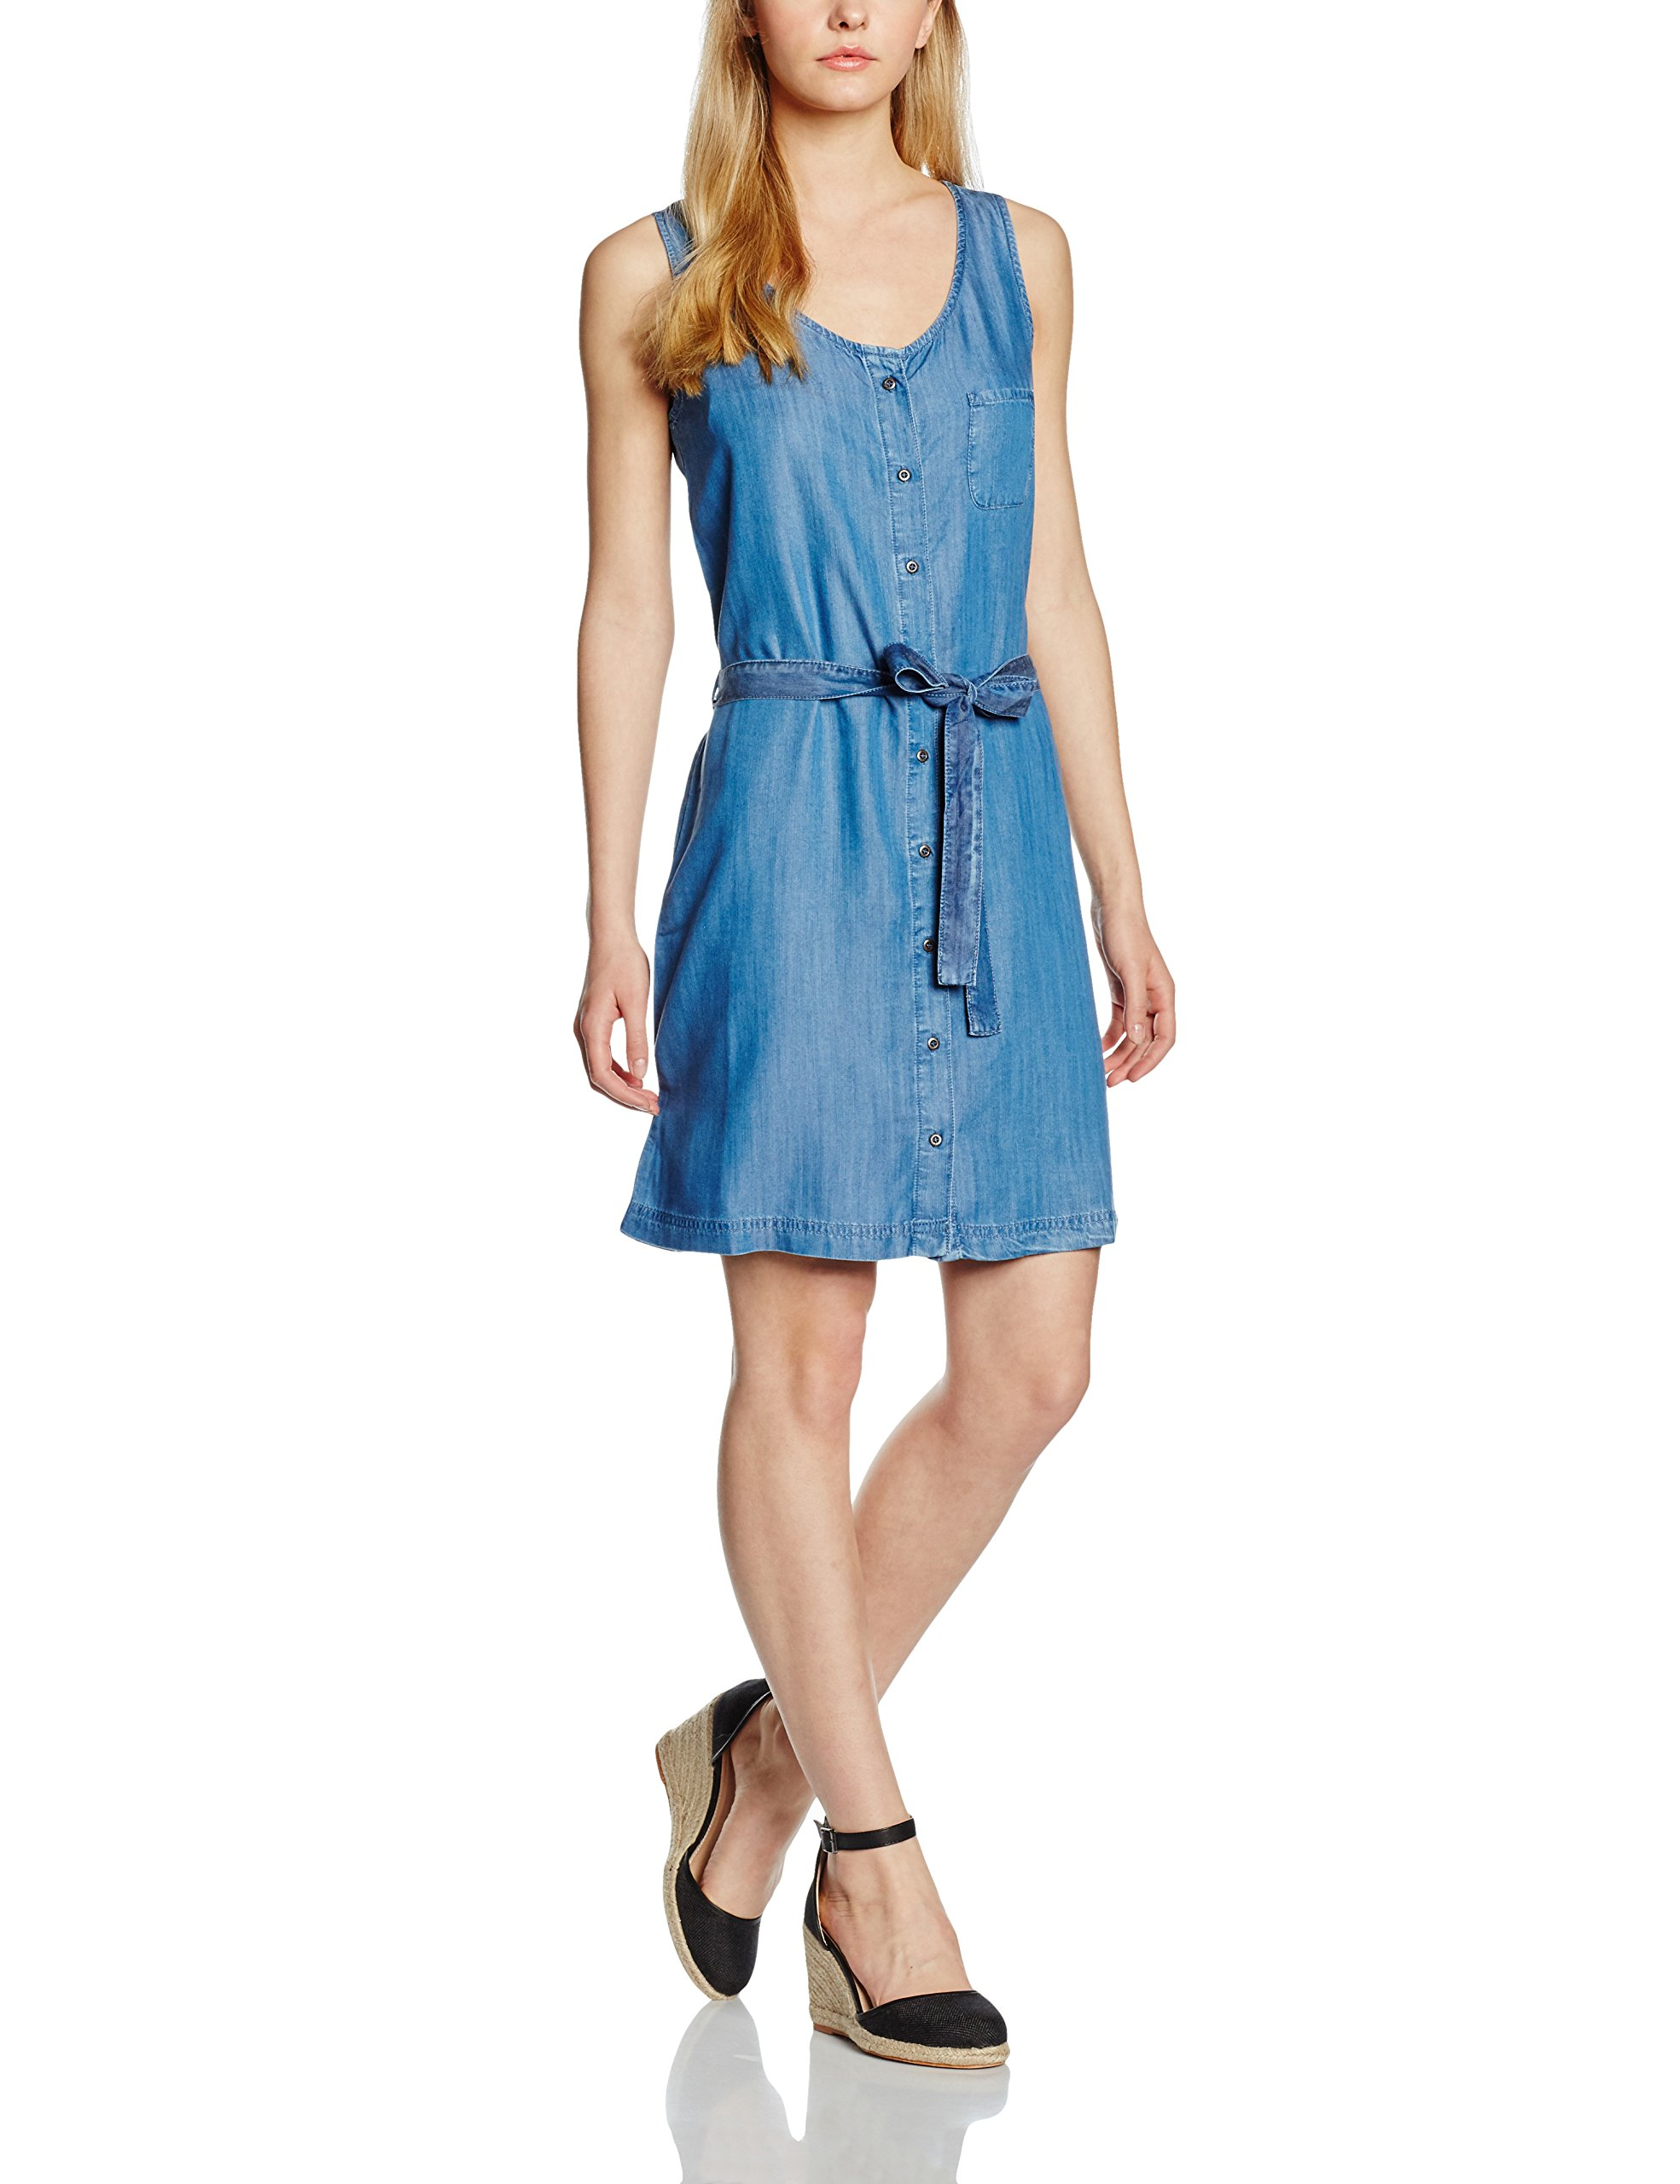 00540taille Cross Blue FabricantL FemmeBleumid Denim Jeans DressRobe hdsCQtr